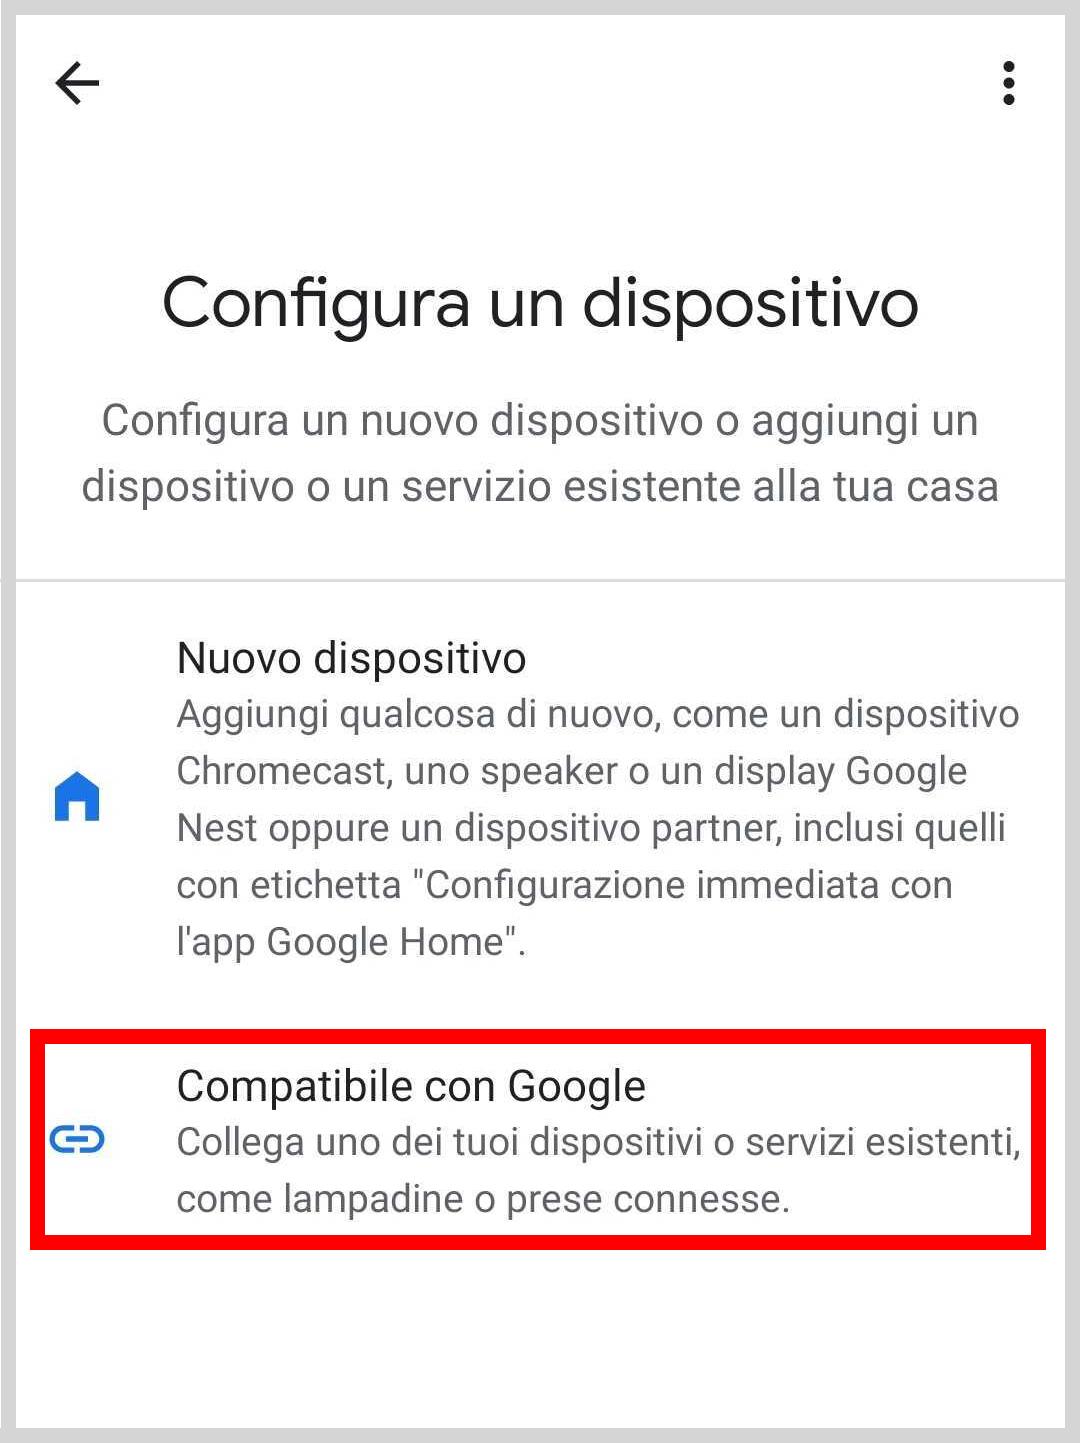 https://www.1control.eu/assistanceData/guida-google/ita/3.jpg